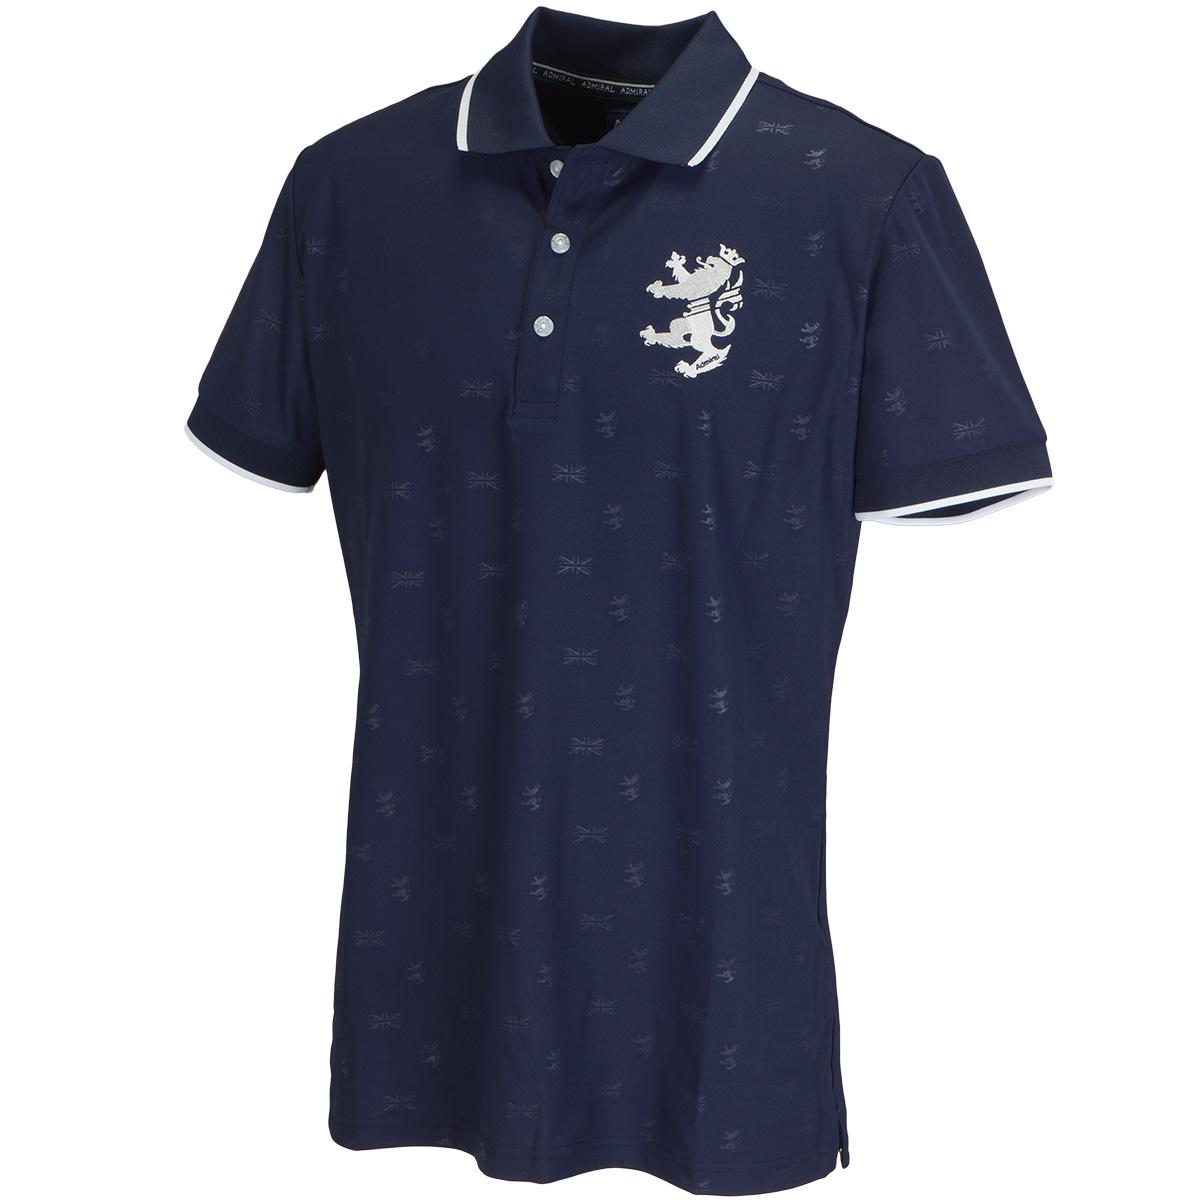 ランパントエンボス 半袖ポロシャツ